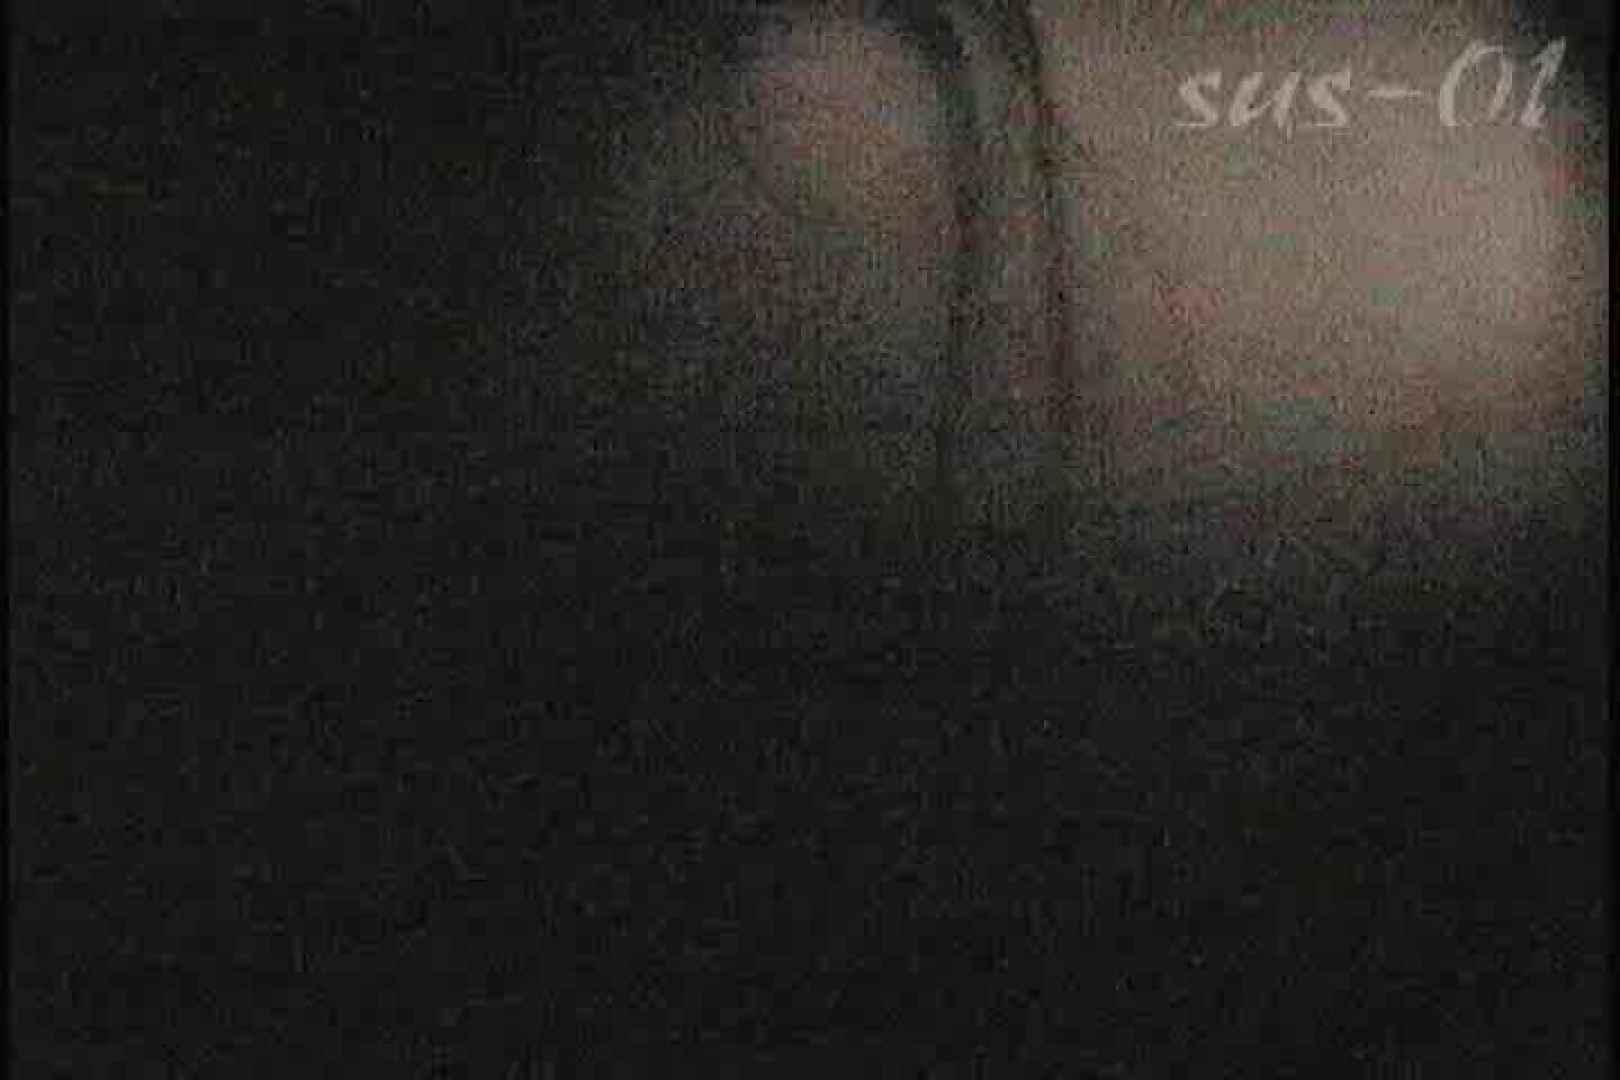 サターンさんのウル技炸裂!!夏乙女★海の家シャワー室絵巻 Vol.01 シャワー  108枚 87